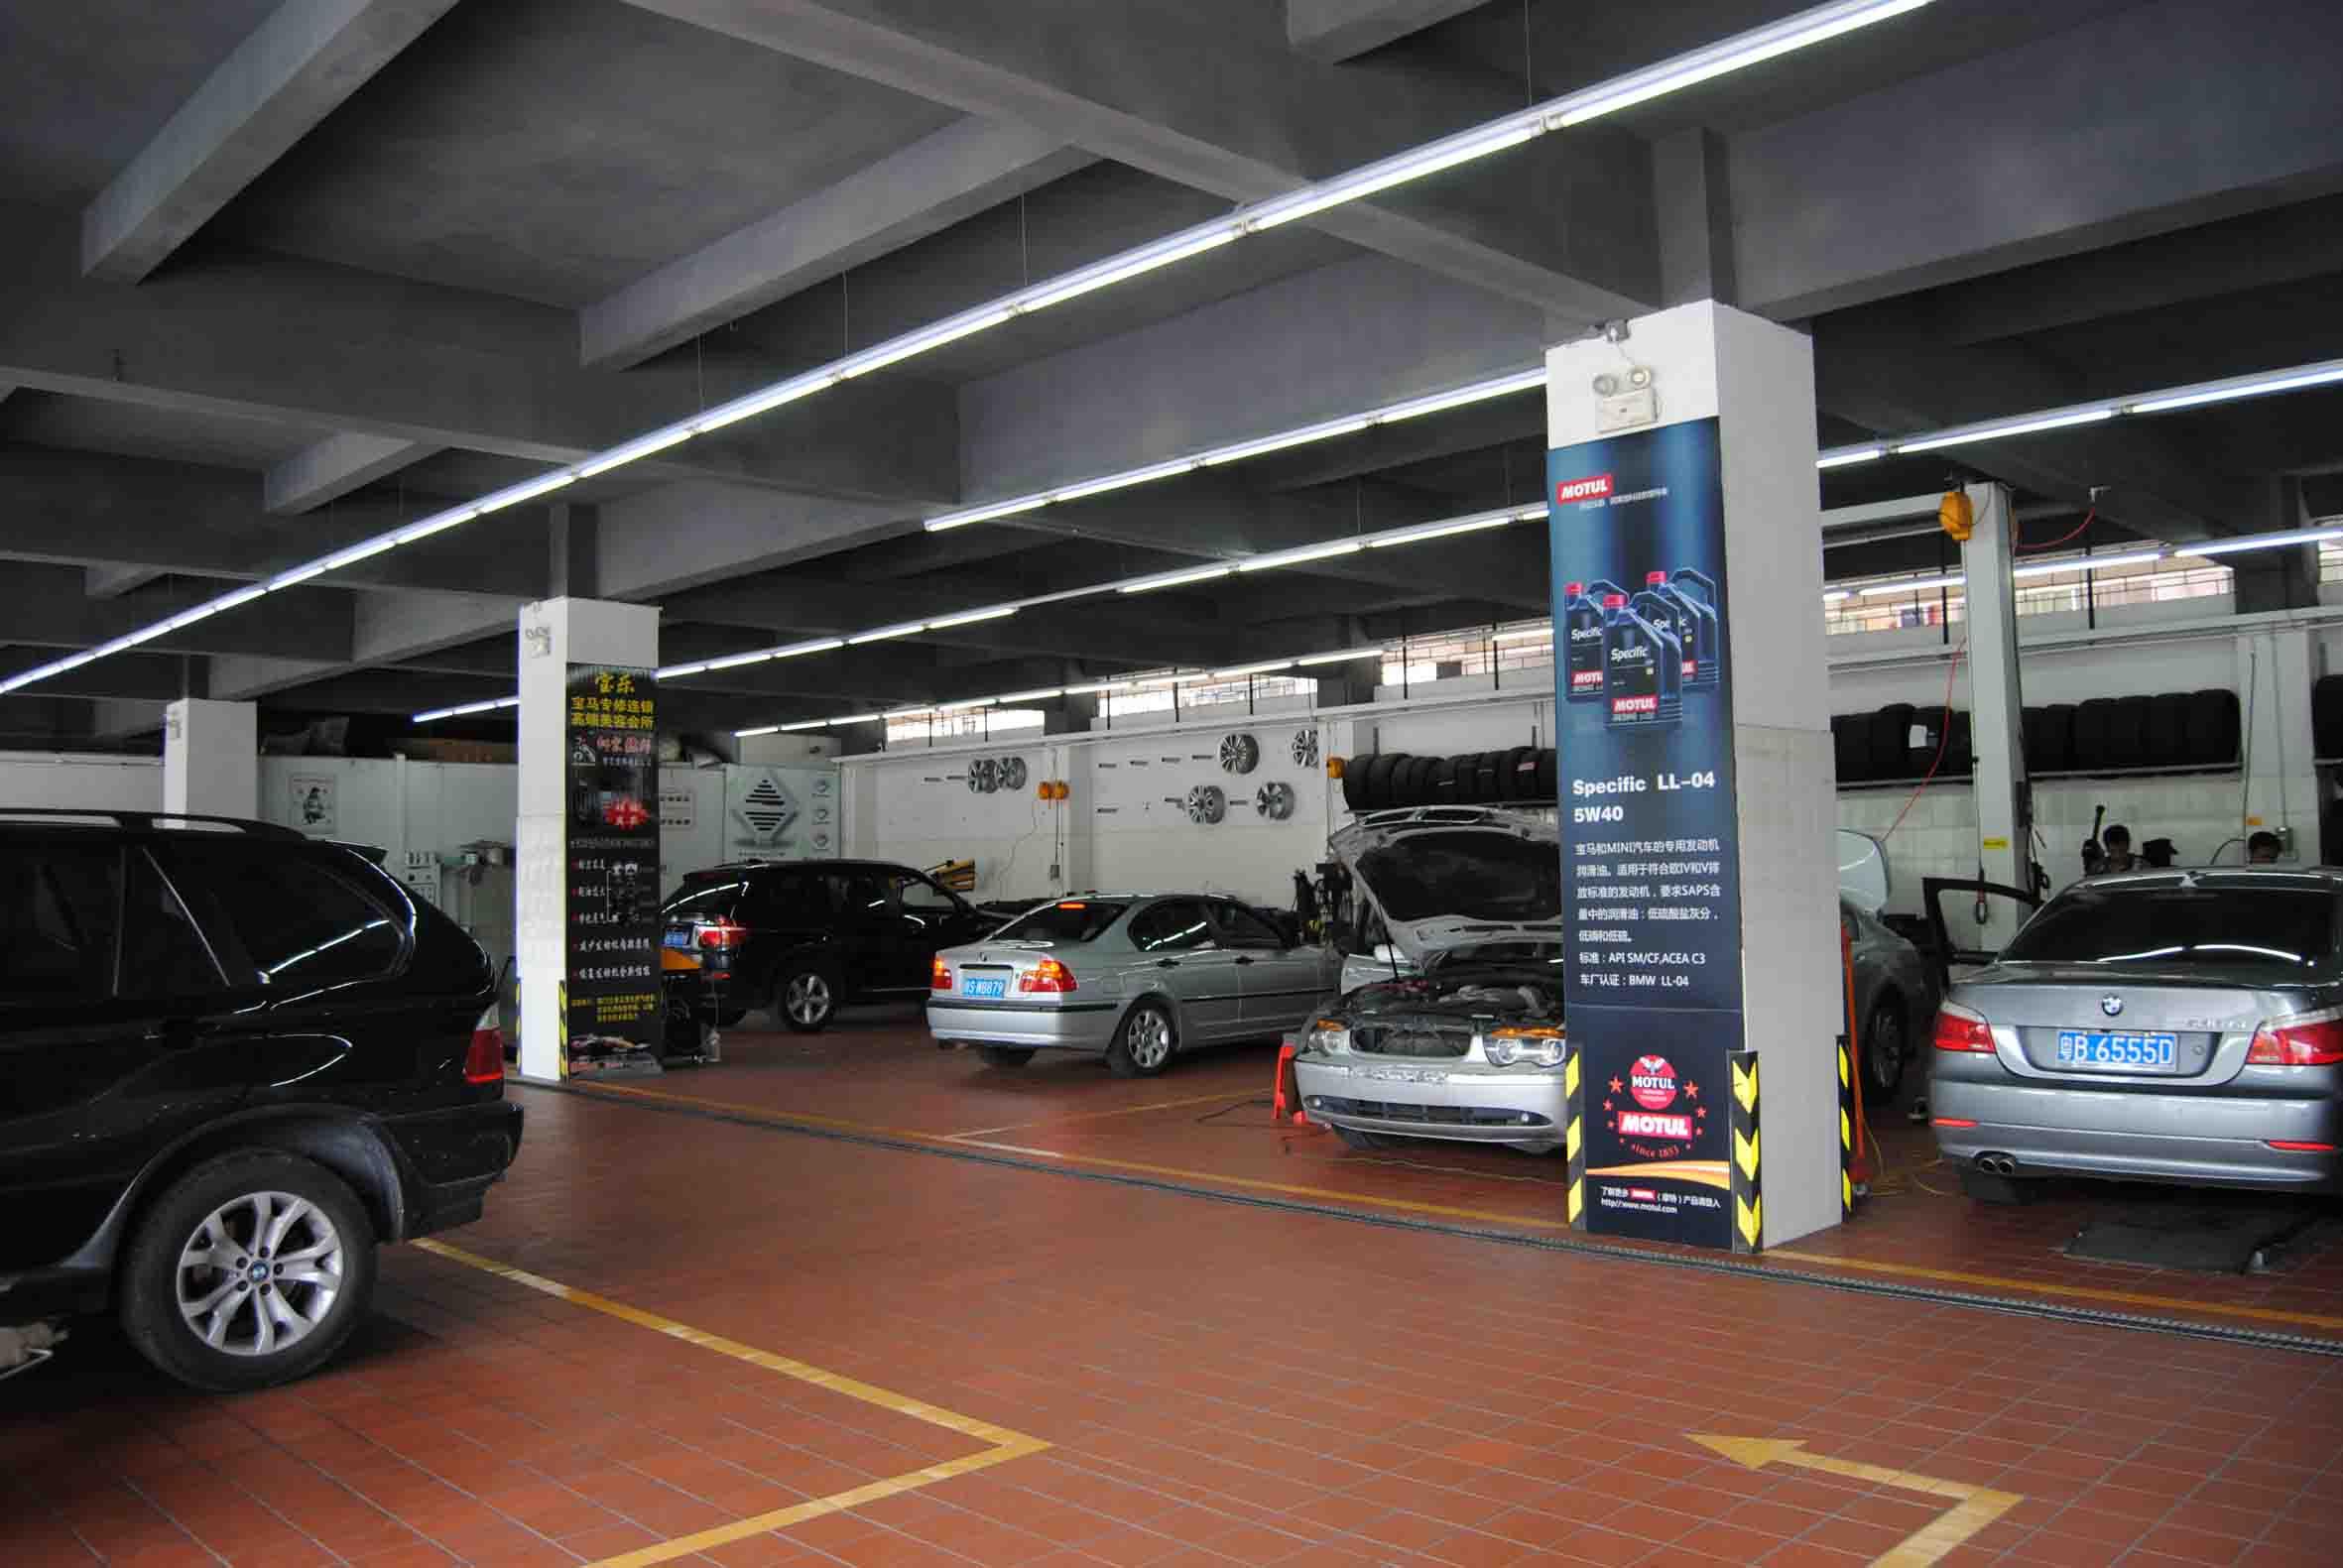 聊城市五州商务汽车销售有限公司怎么样,地址,电话...-城际分类网